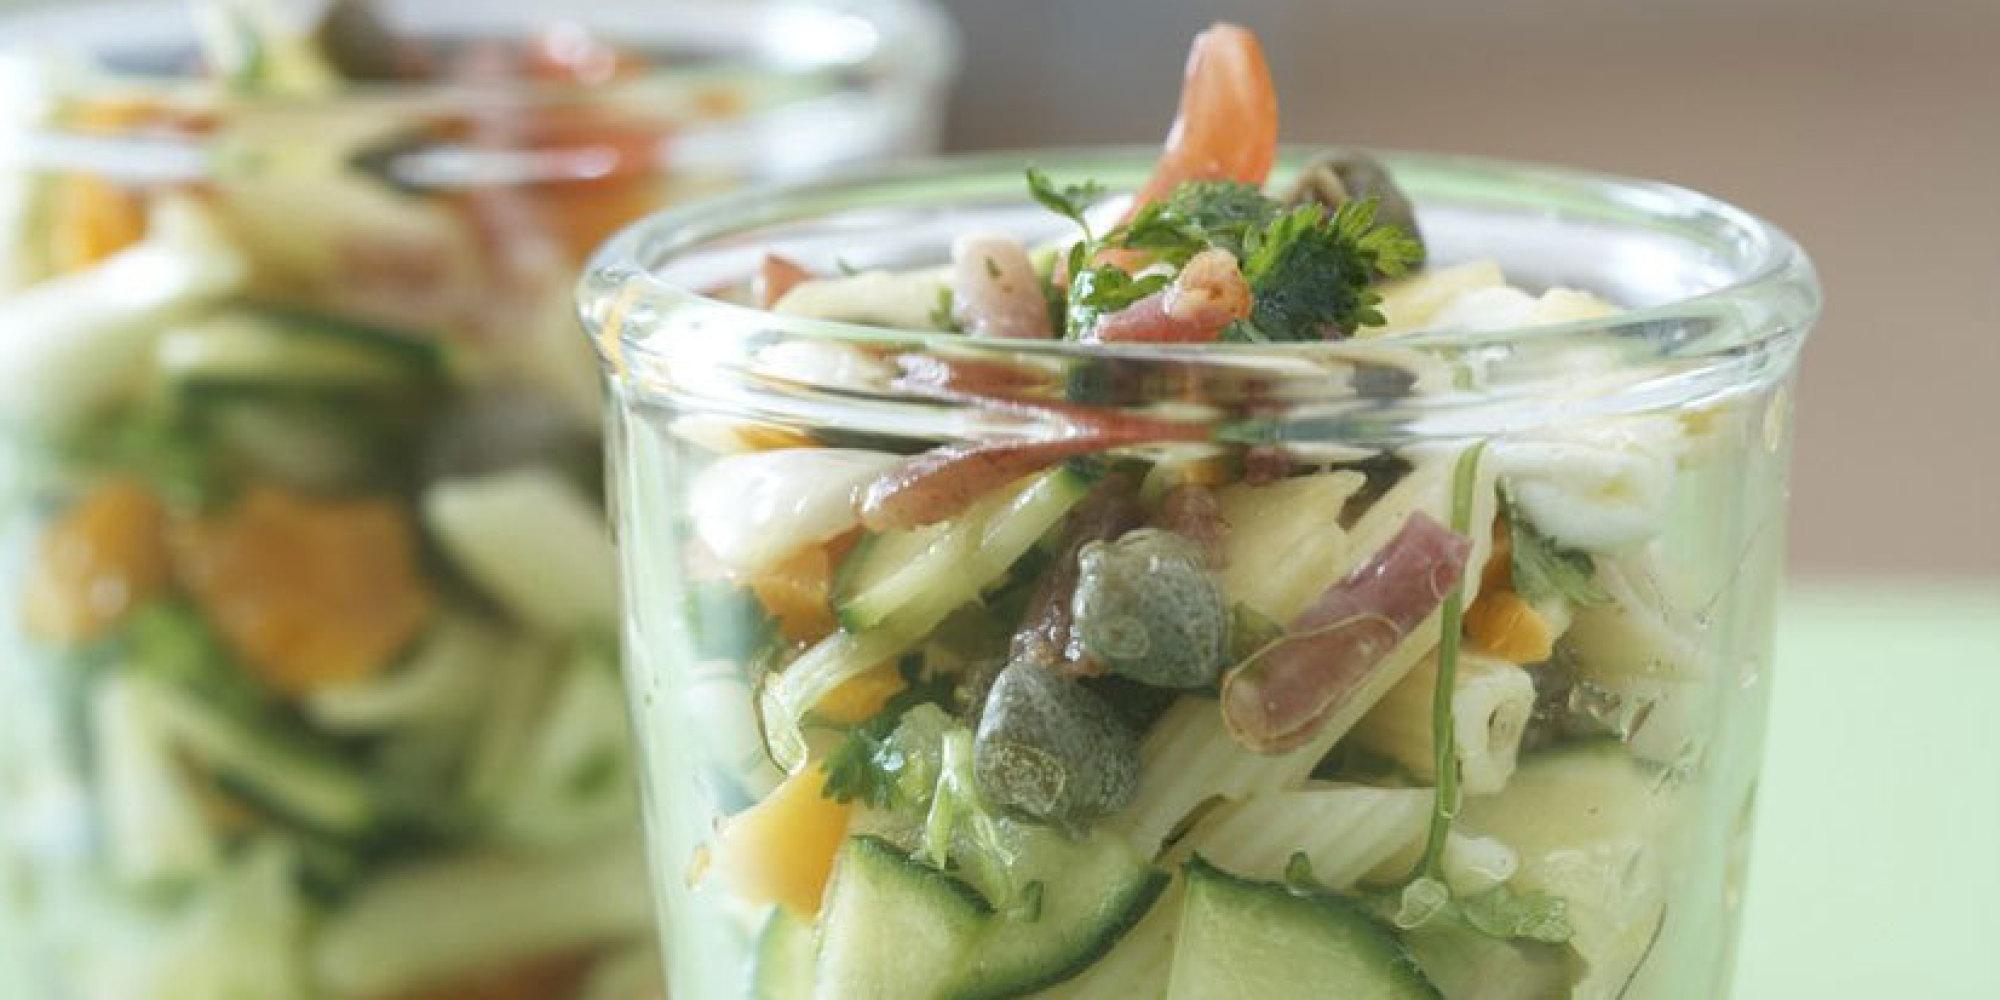 vite fait bien fait la salade de p 226 tes aux courgettes ce qu il ne fallait pas rater